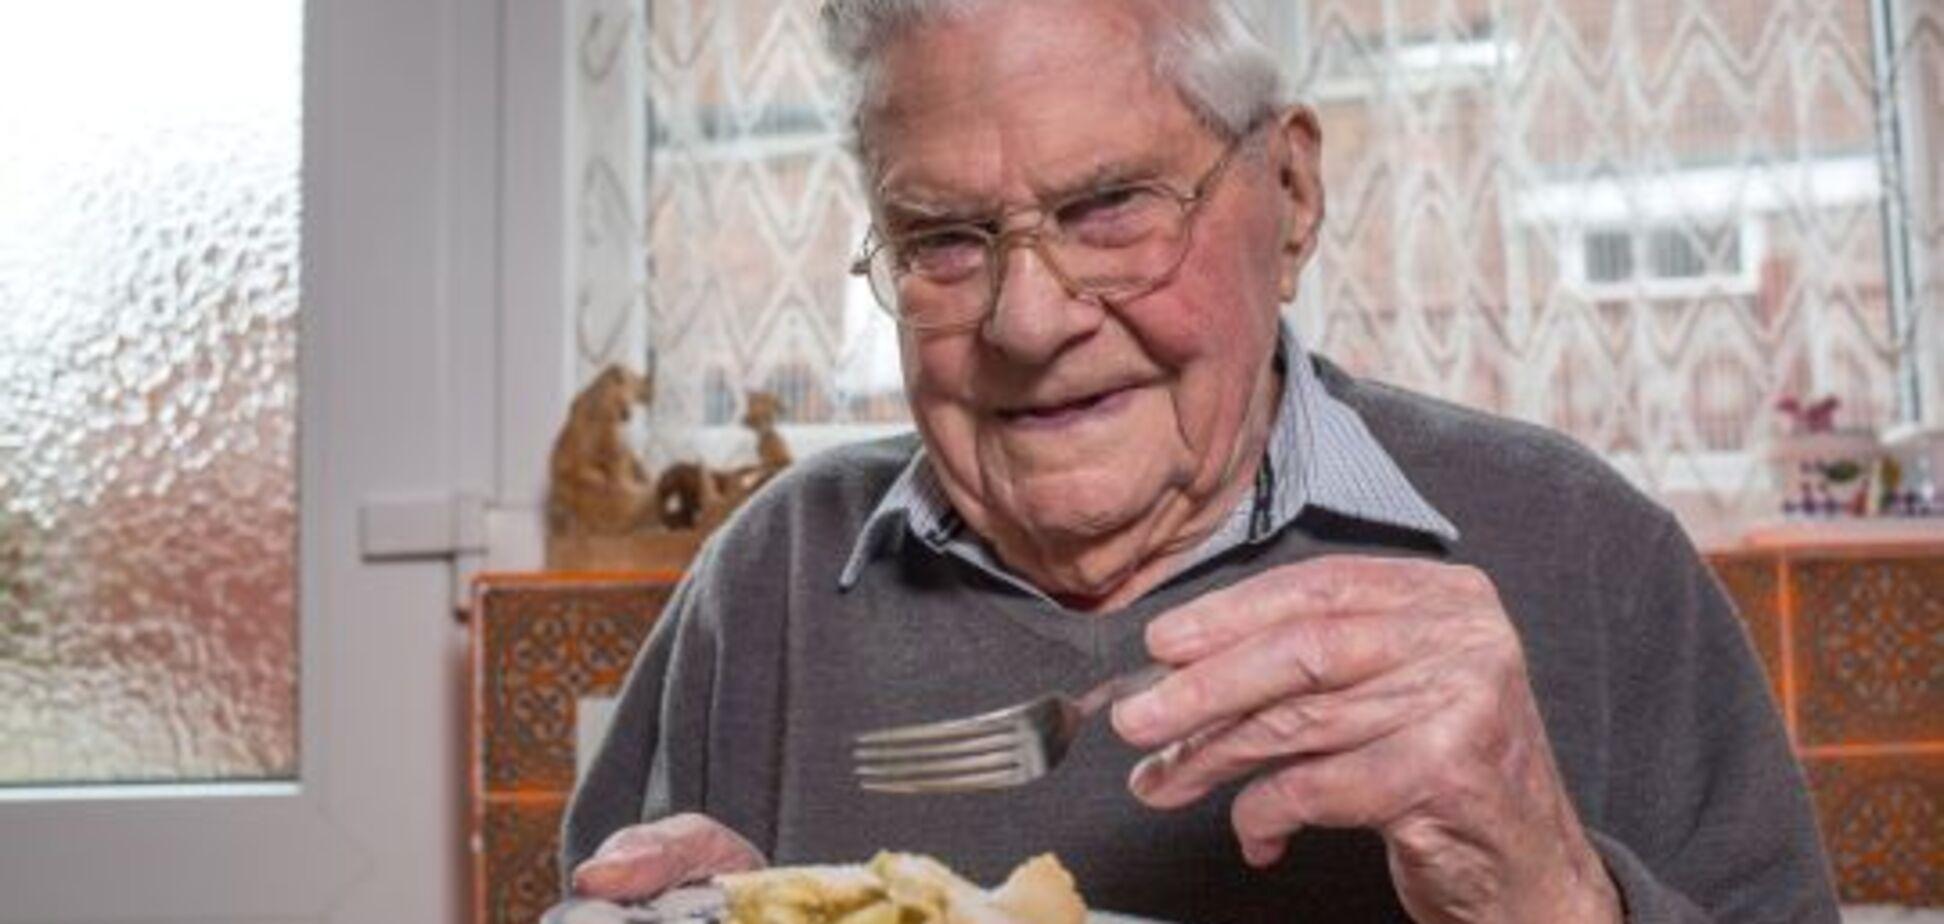 'Неймовірно': 100-річний британець поділився несподіваним секретом довголіття